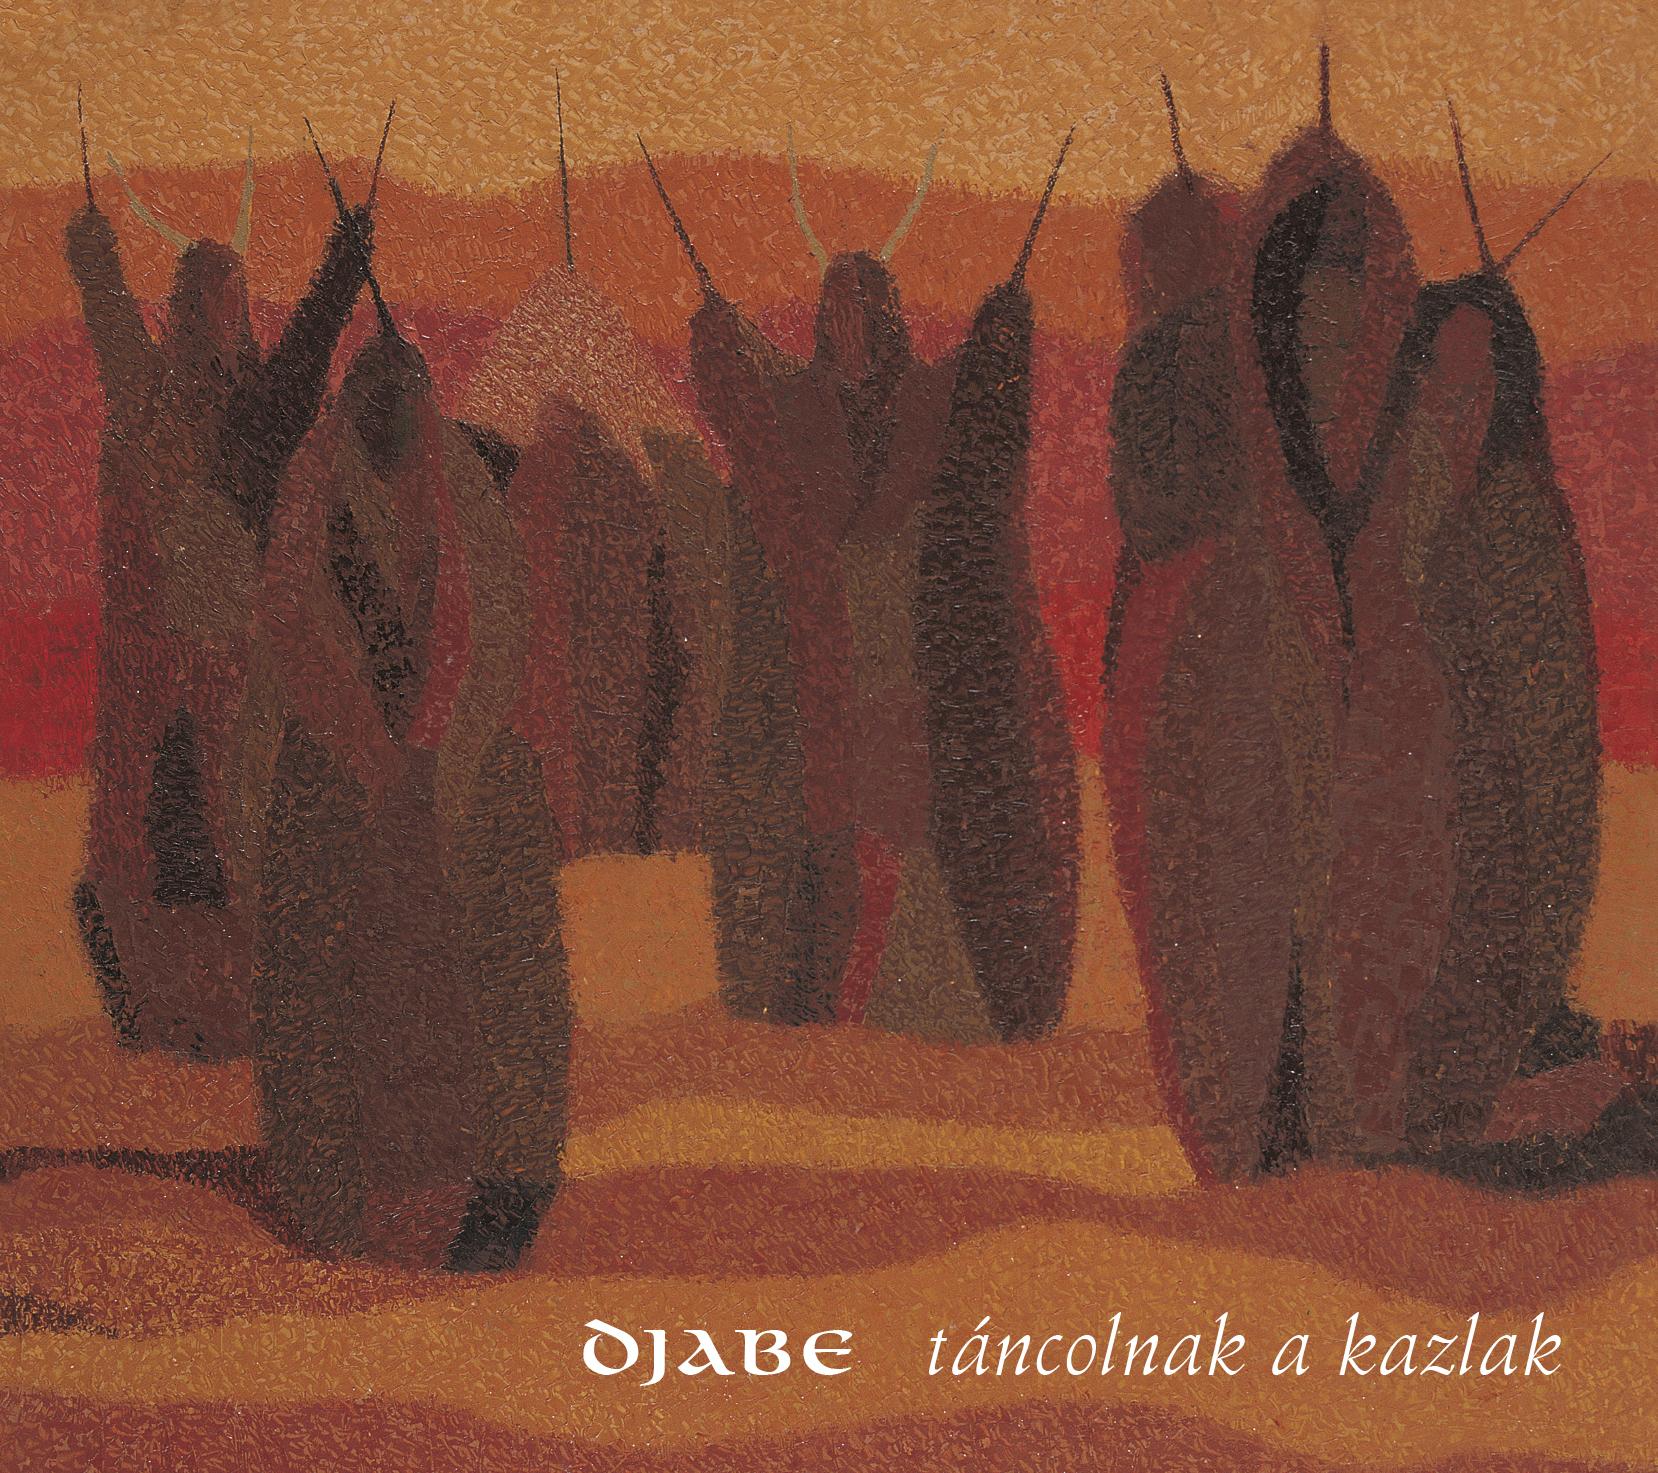 2003_tancolnak_a_kazlak_cd